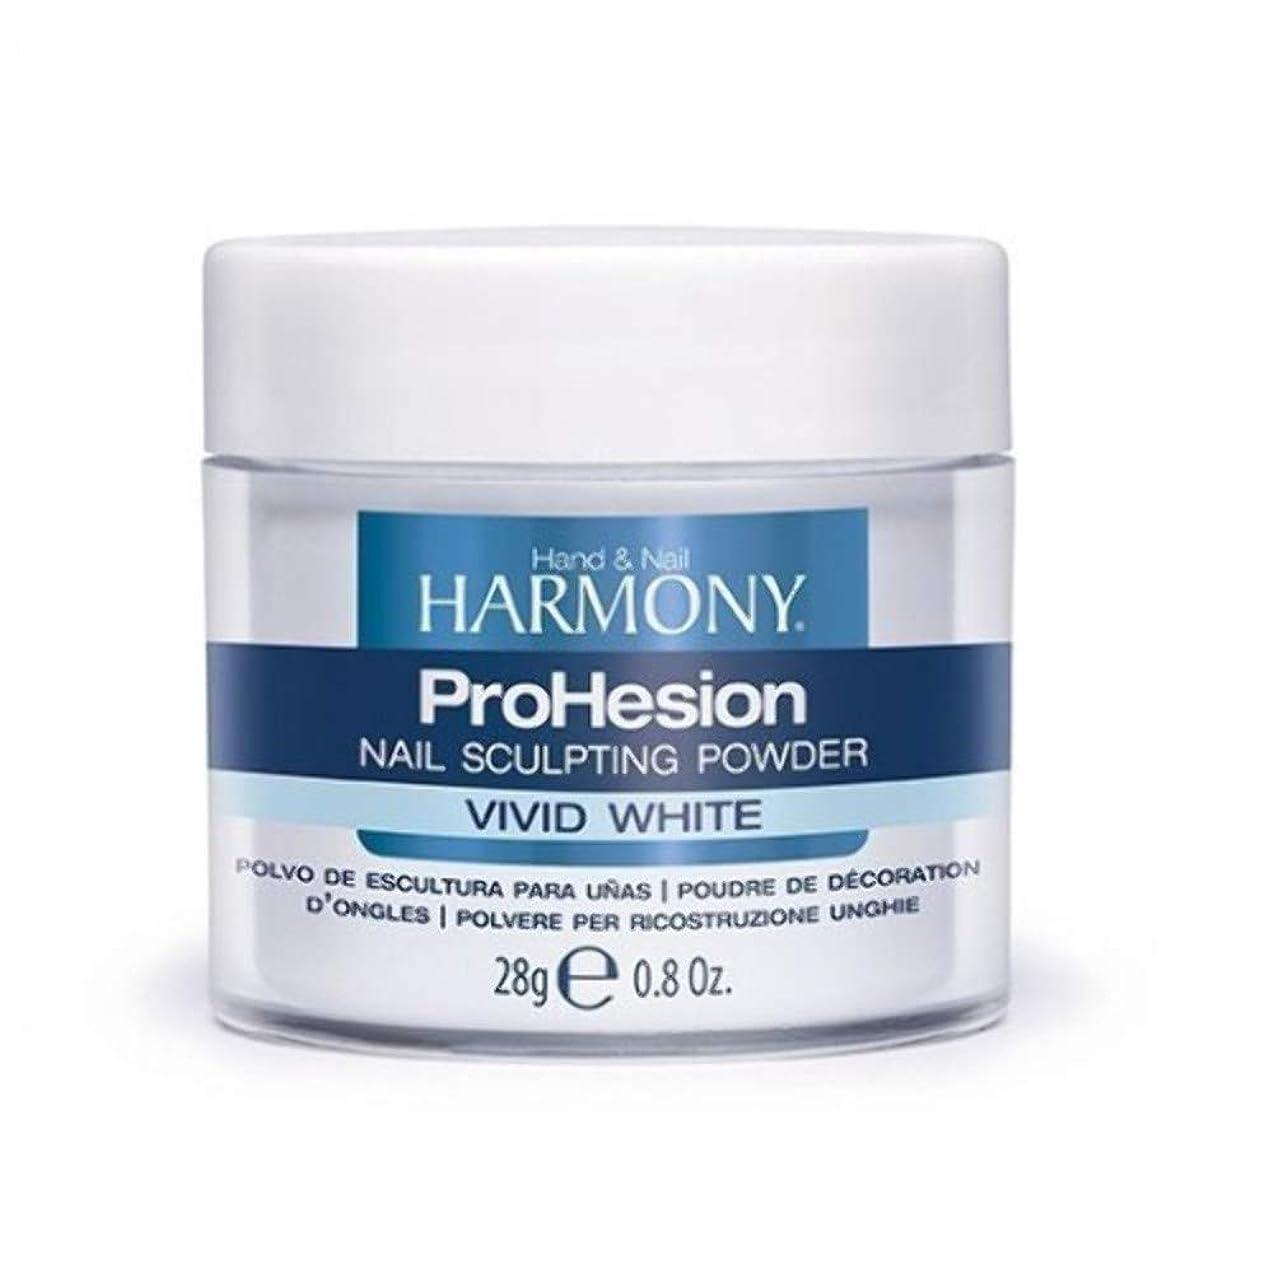 ひばり溶接充実Harmony Prohesion Sculpting Powder - Vivid White - 0.8oz / 28g